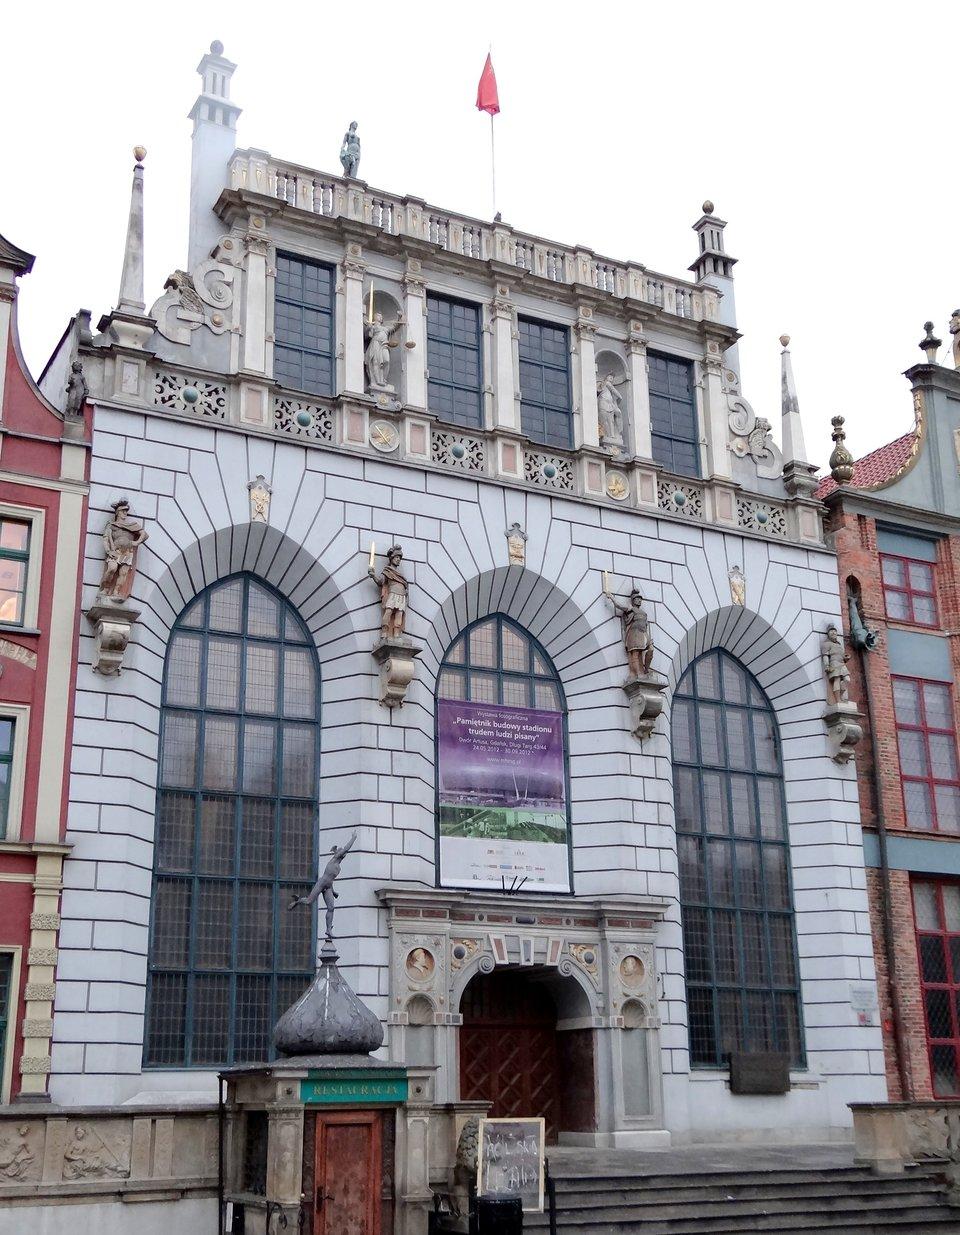 Dwór Artusa wGdańsku Źródło: Rafał Peplinski, Dwór Artusa wGdańsku, Wikimedia Commons, licencja: CC BY-SA 3.0.